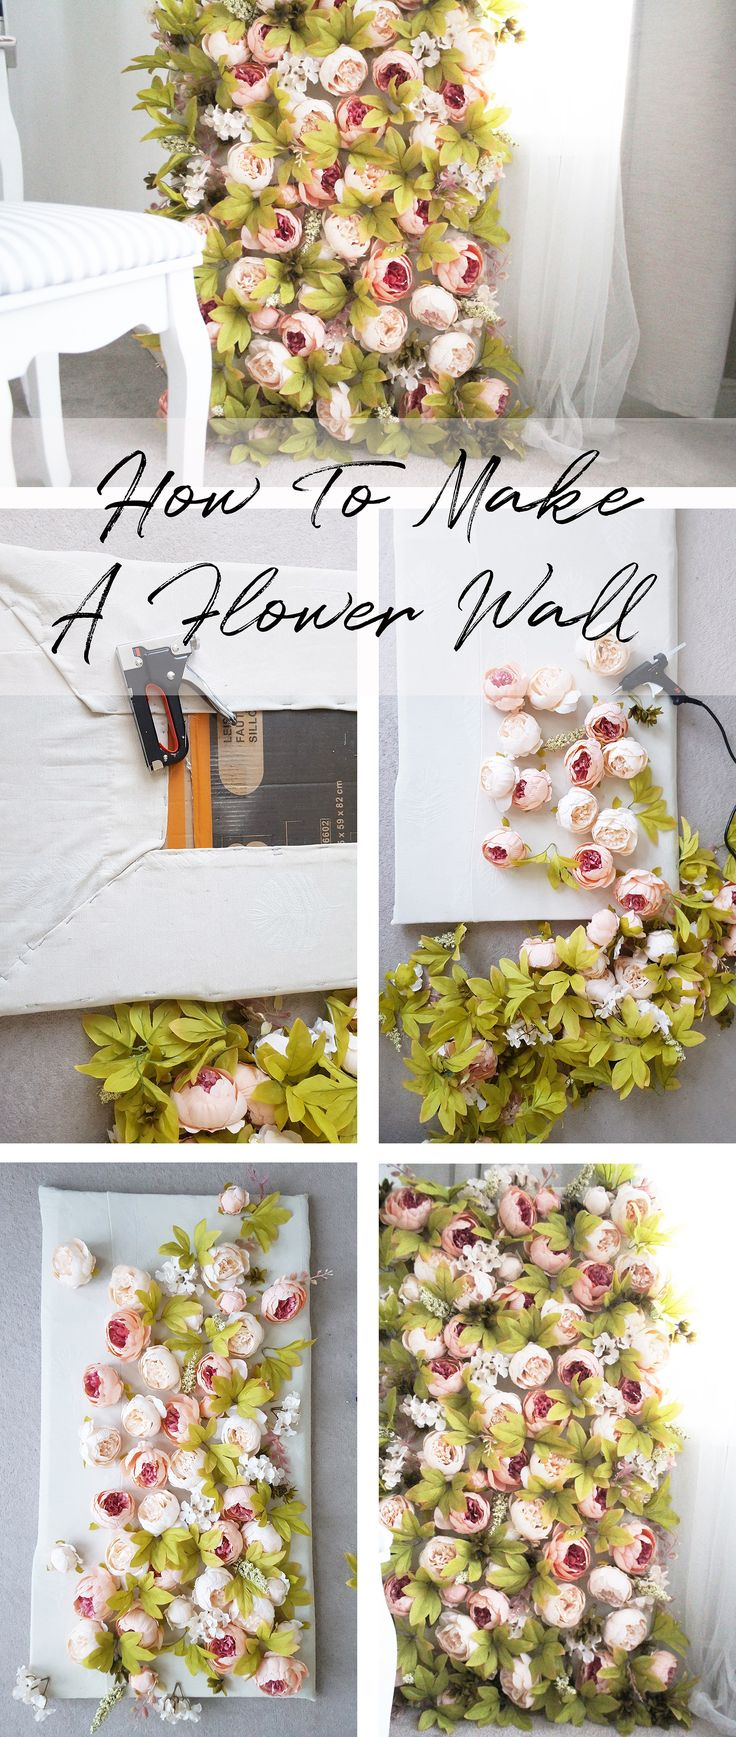 HOW TO MAKE A FLOWERWALL DIY #diy #howtos #diyflowerwall flowerwall #pinkflowers #pinkpeonies #weddingdecor #weddings #weddinginspo #interiors #interiorinspo #homedecor #homeinspo #decorations #decor #weddingdecorations